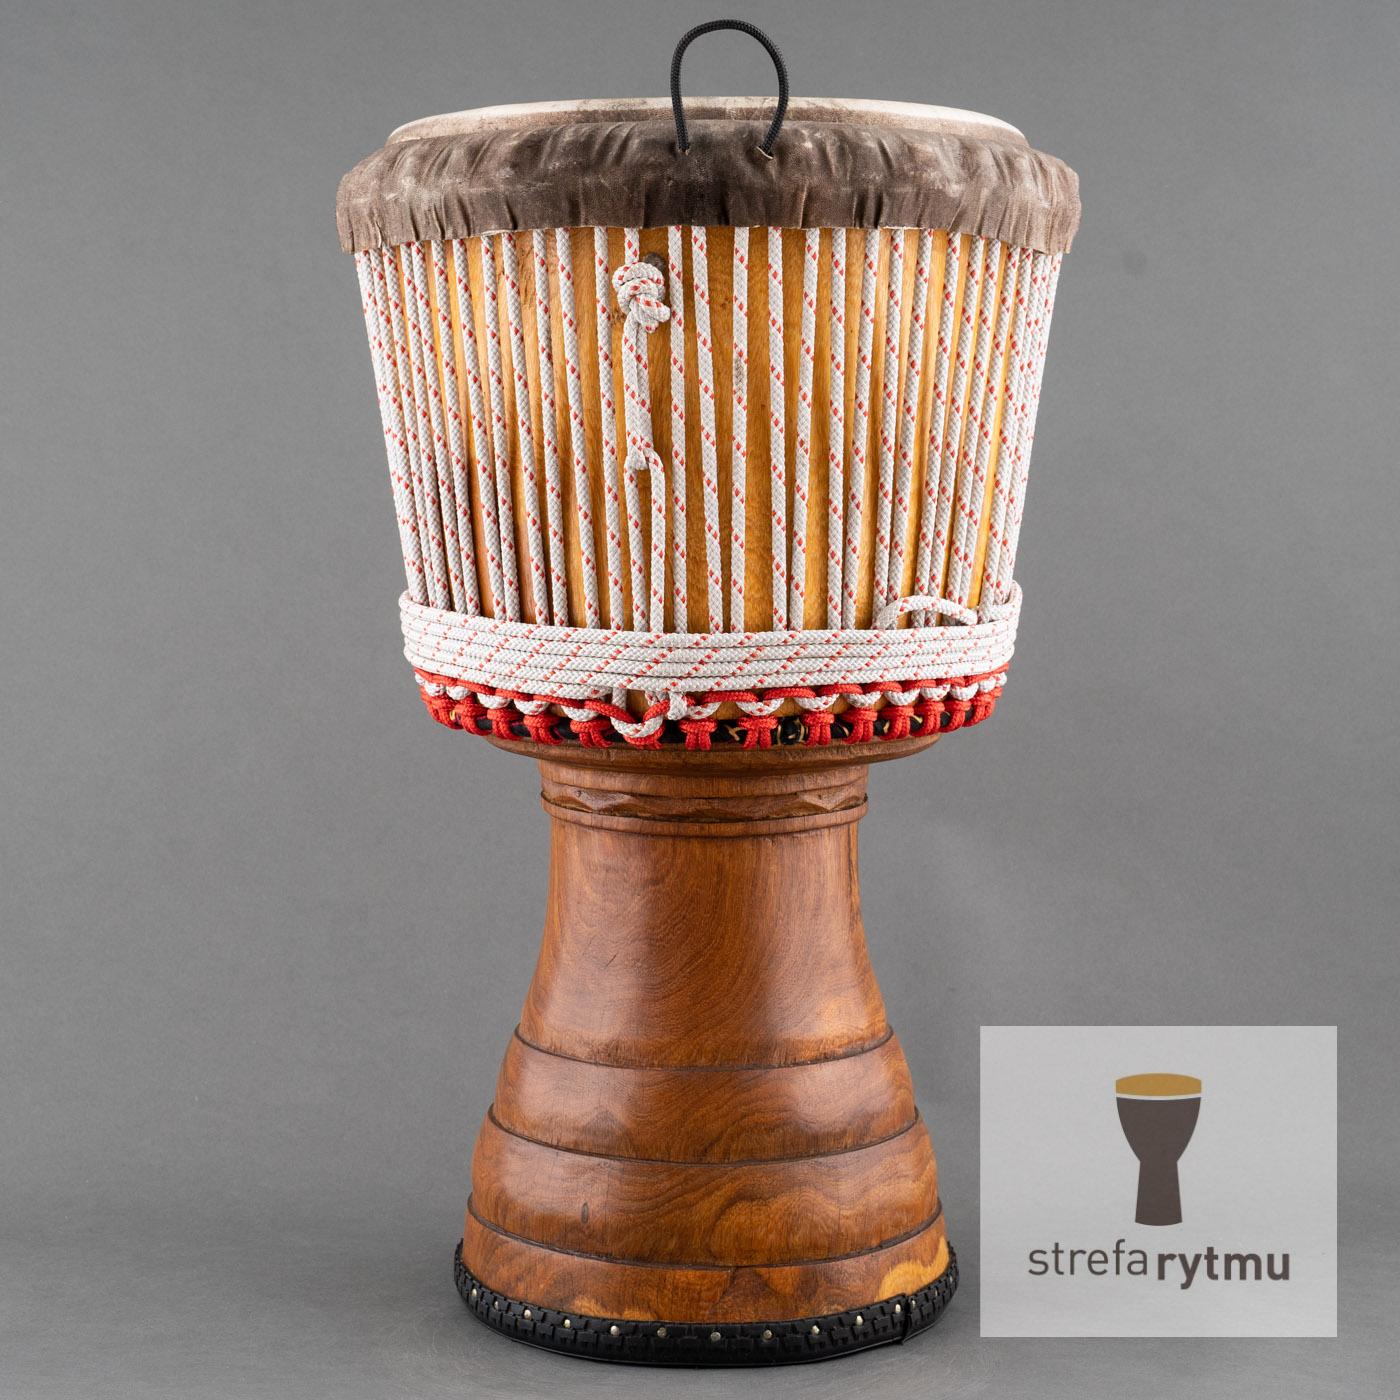 fine djembe from Mali